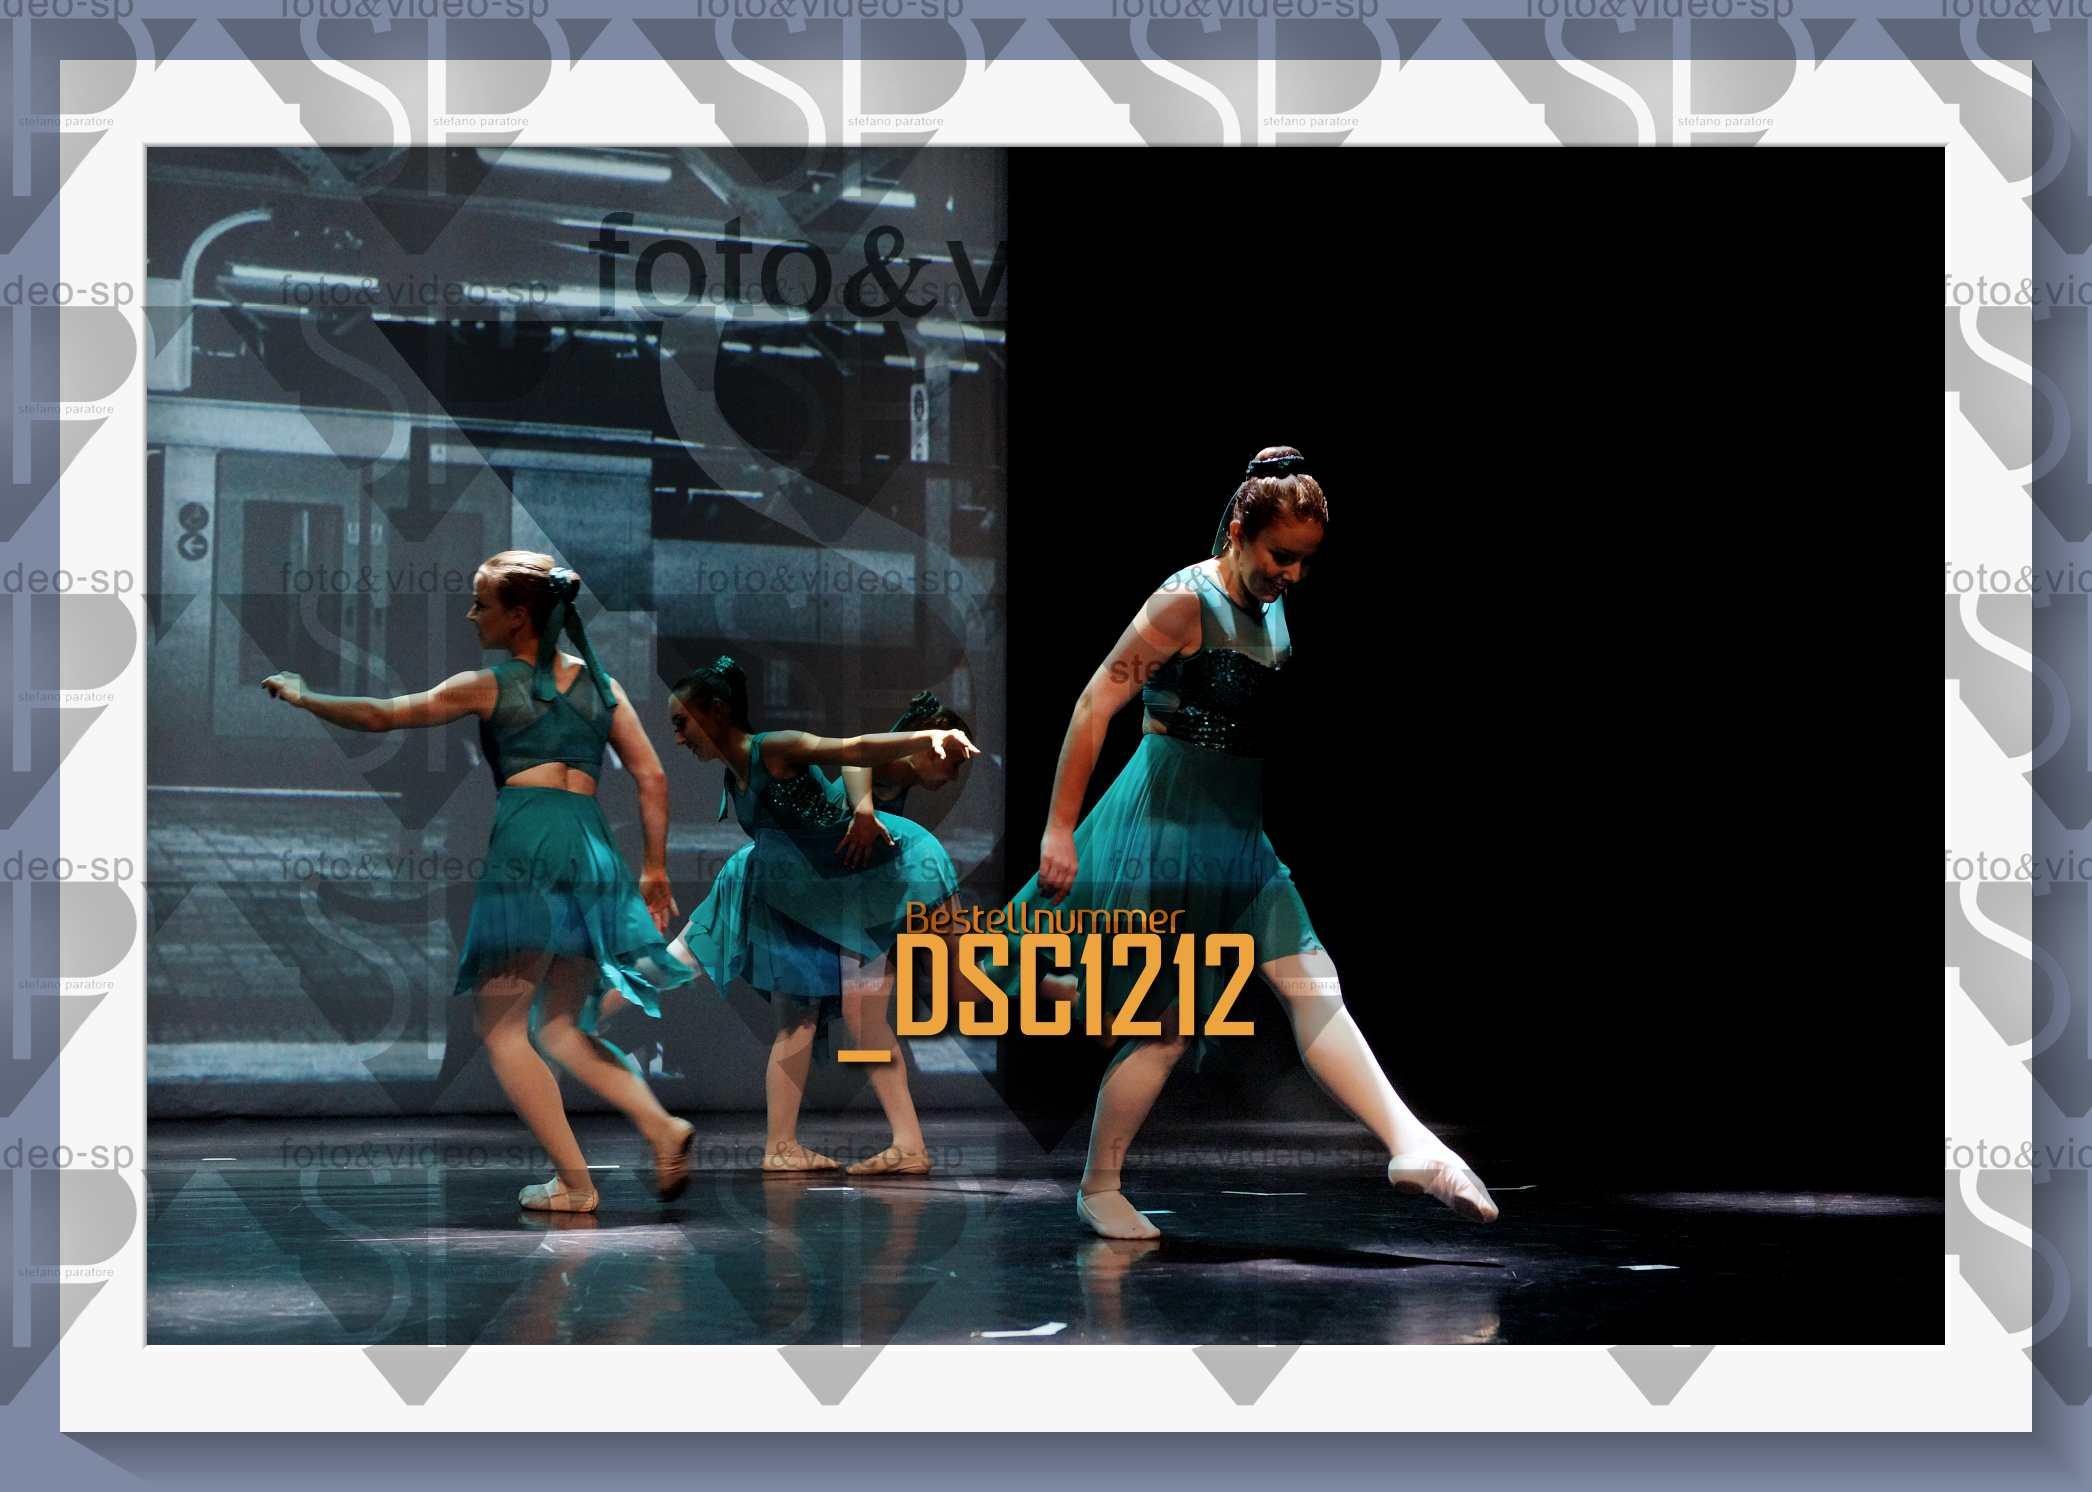 DSC1212